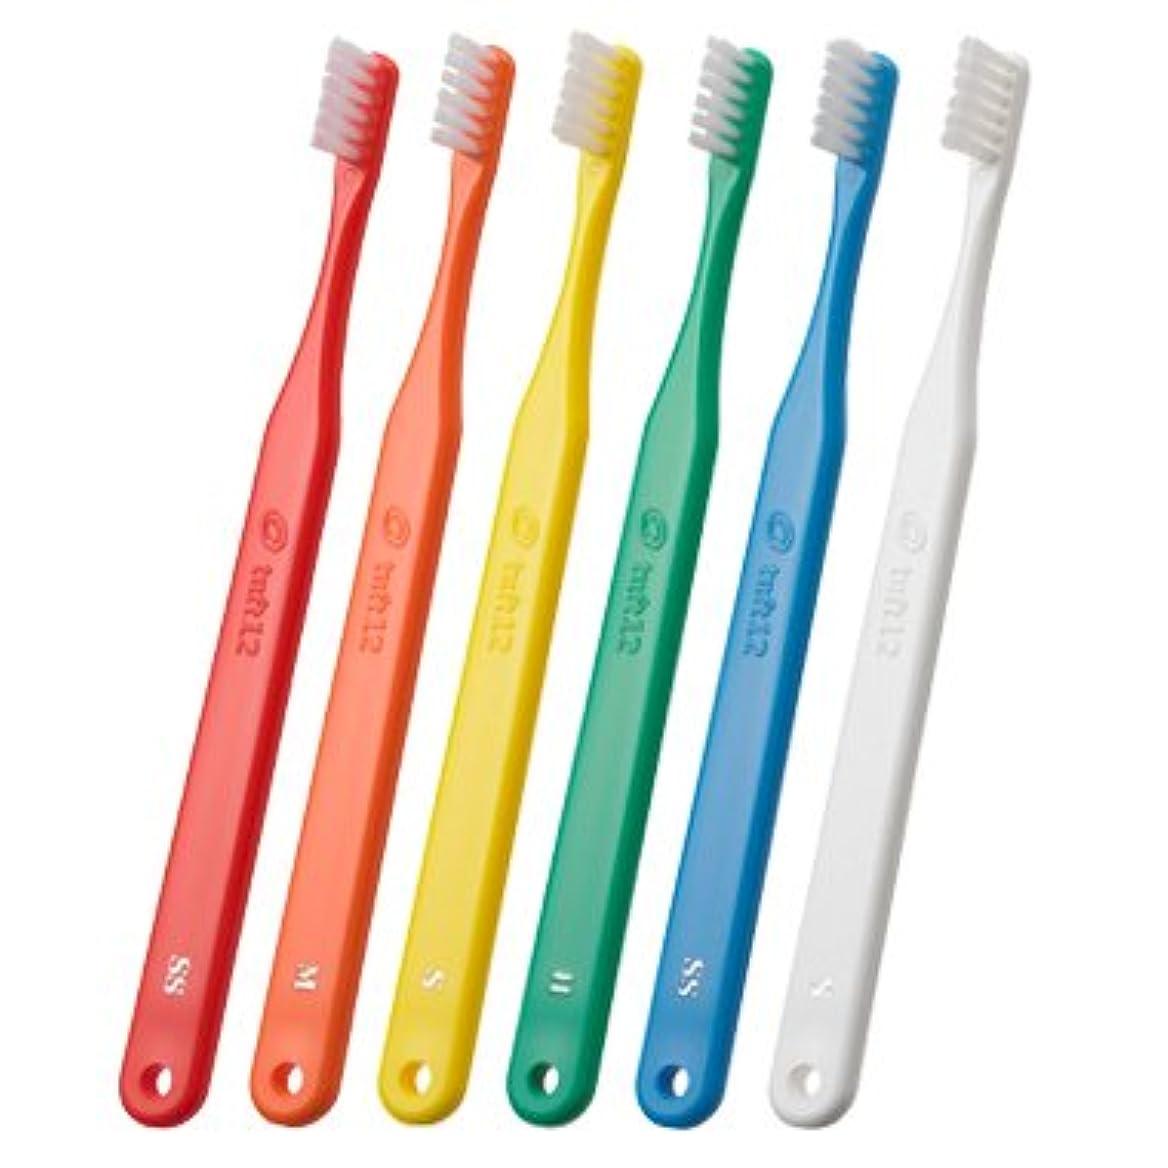 モーテル部分的欠陥歯科用 タフト12 SS 25本 スーパーソフト【歯ブラシ】【やわらかめ】矯正患者さん向け _ オレンジ